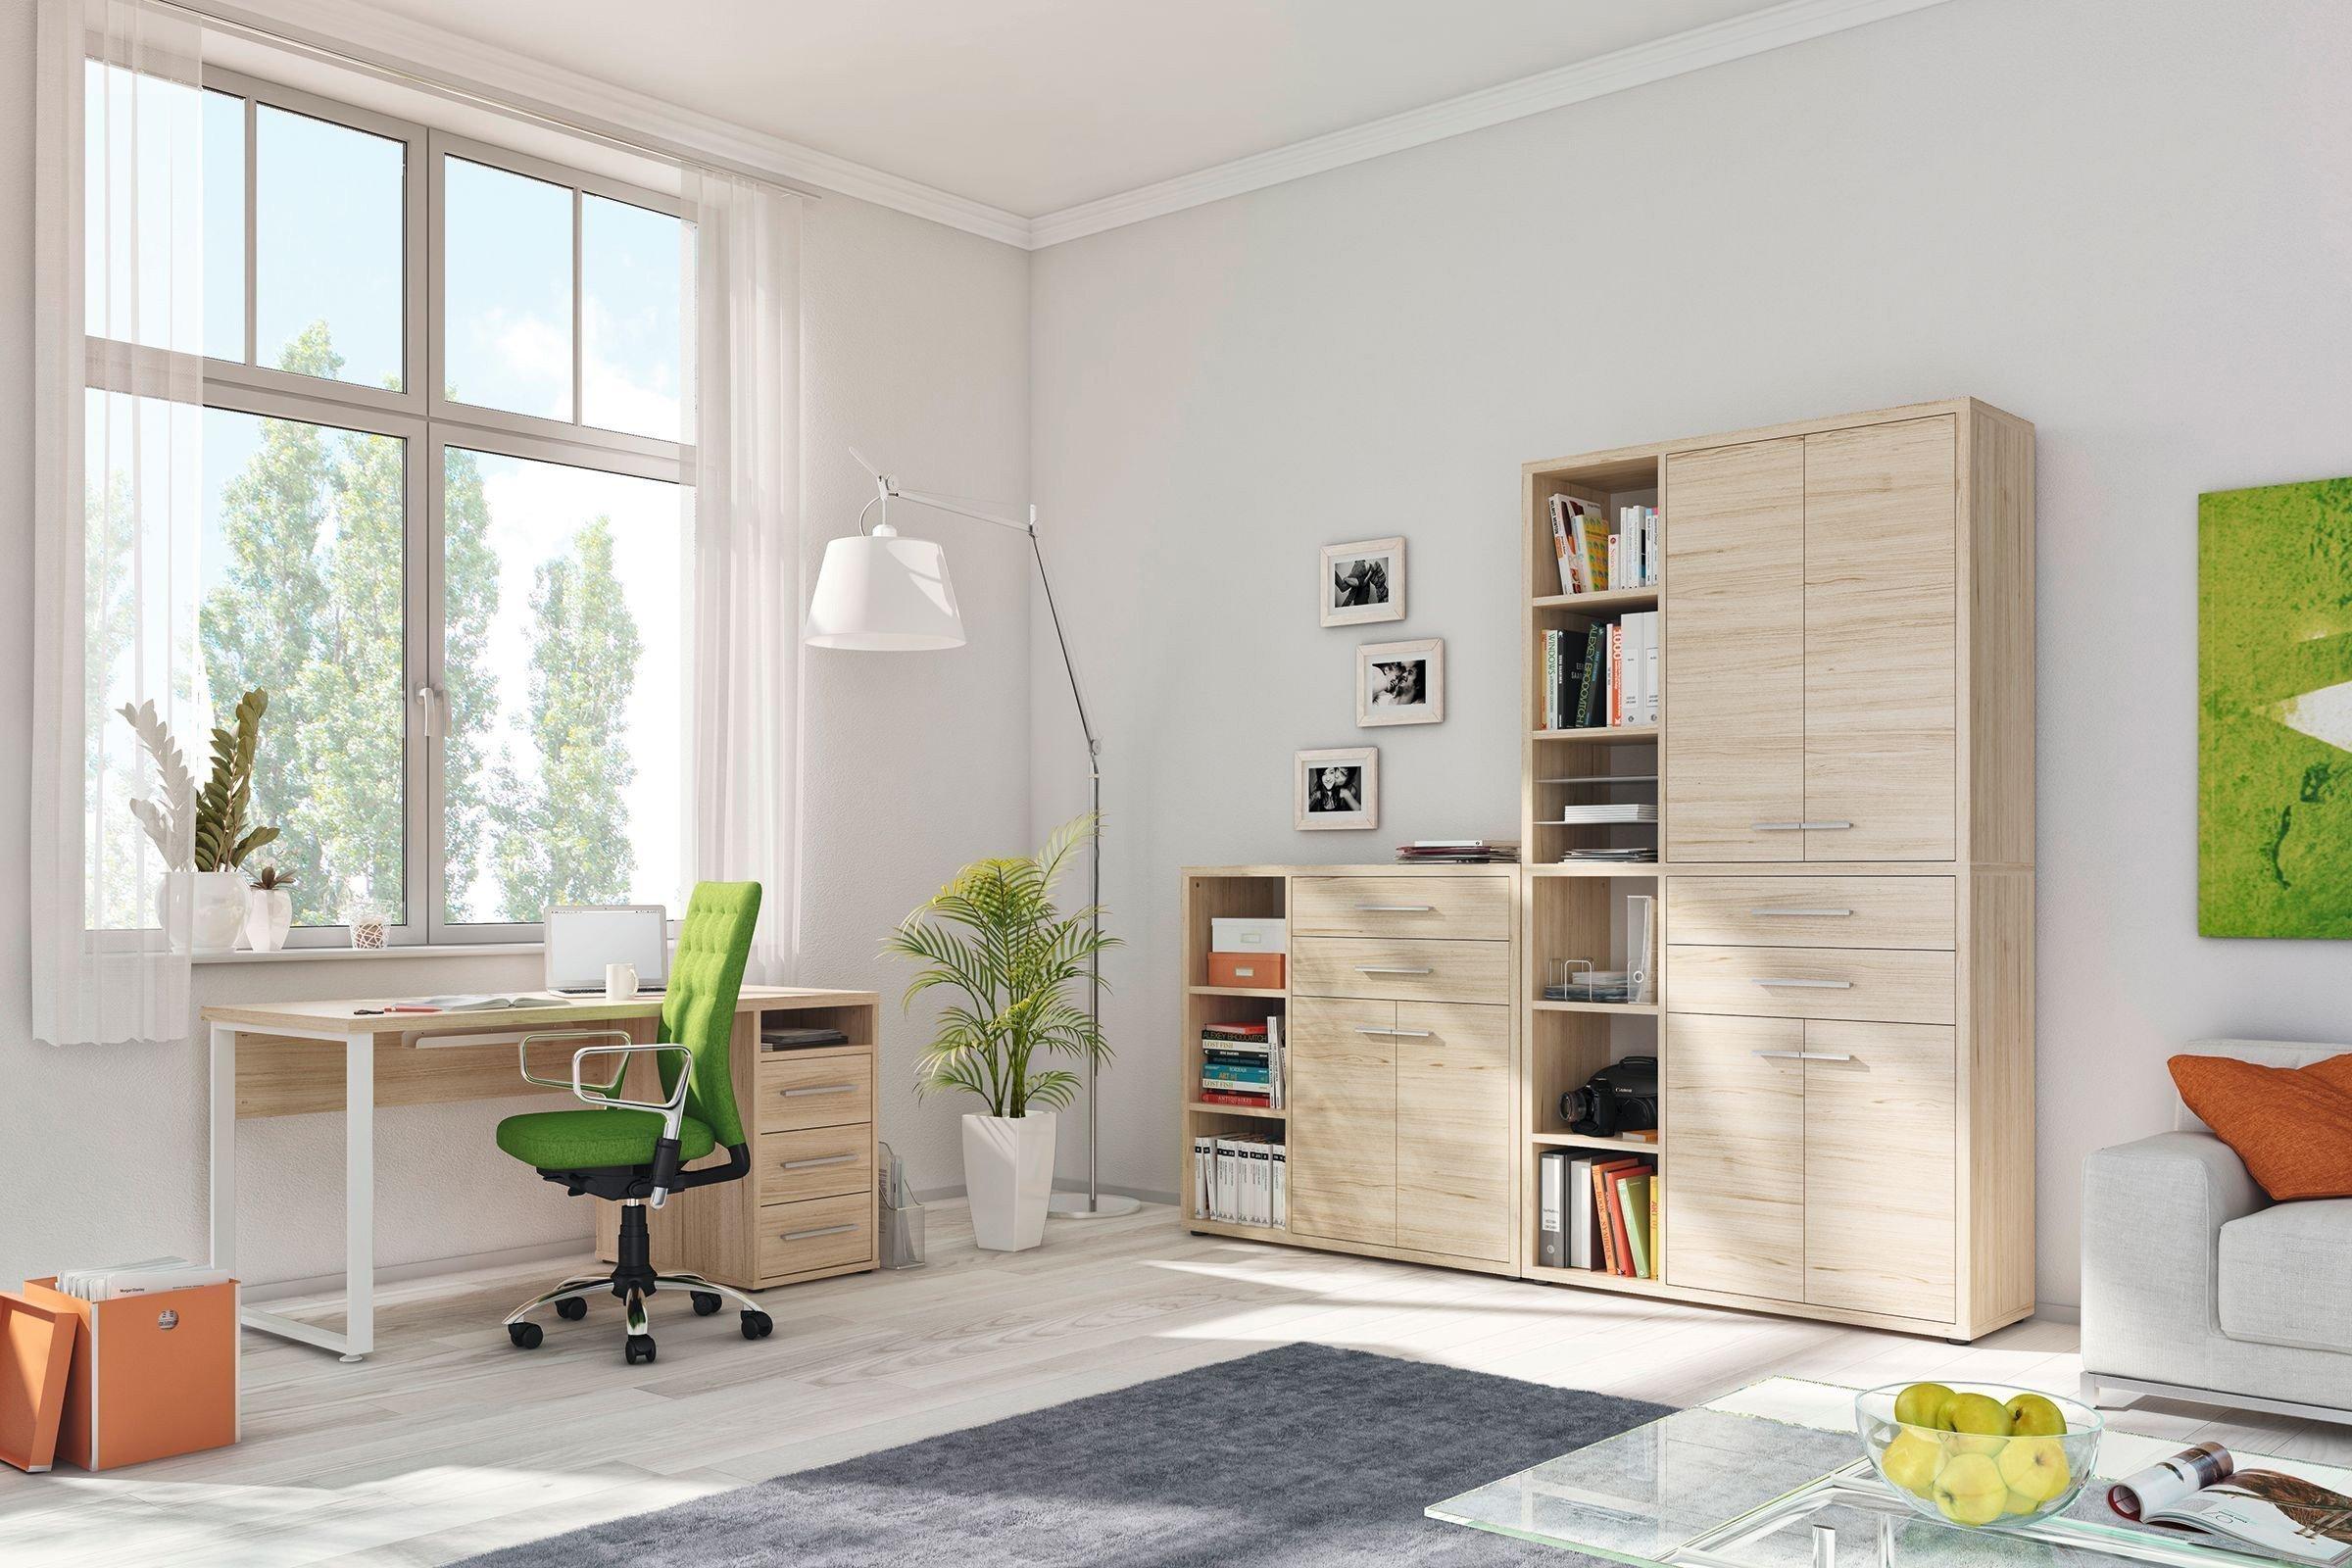 Maja Büromöbel Set+ in Eiche natur | Möbel Letz - Ihr Online-Shop